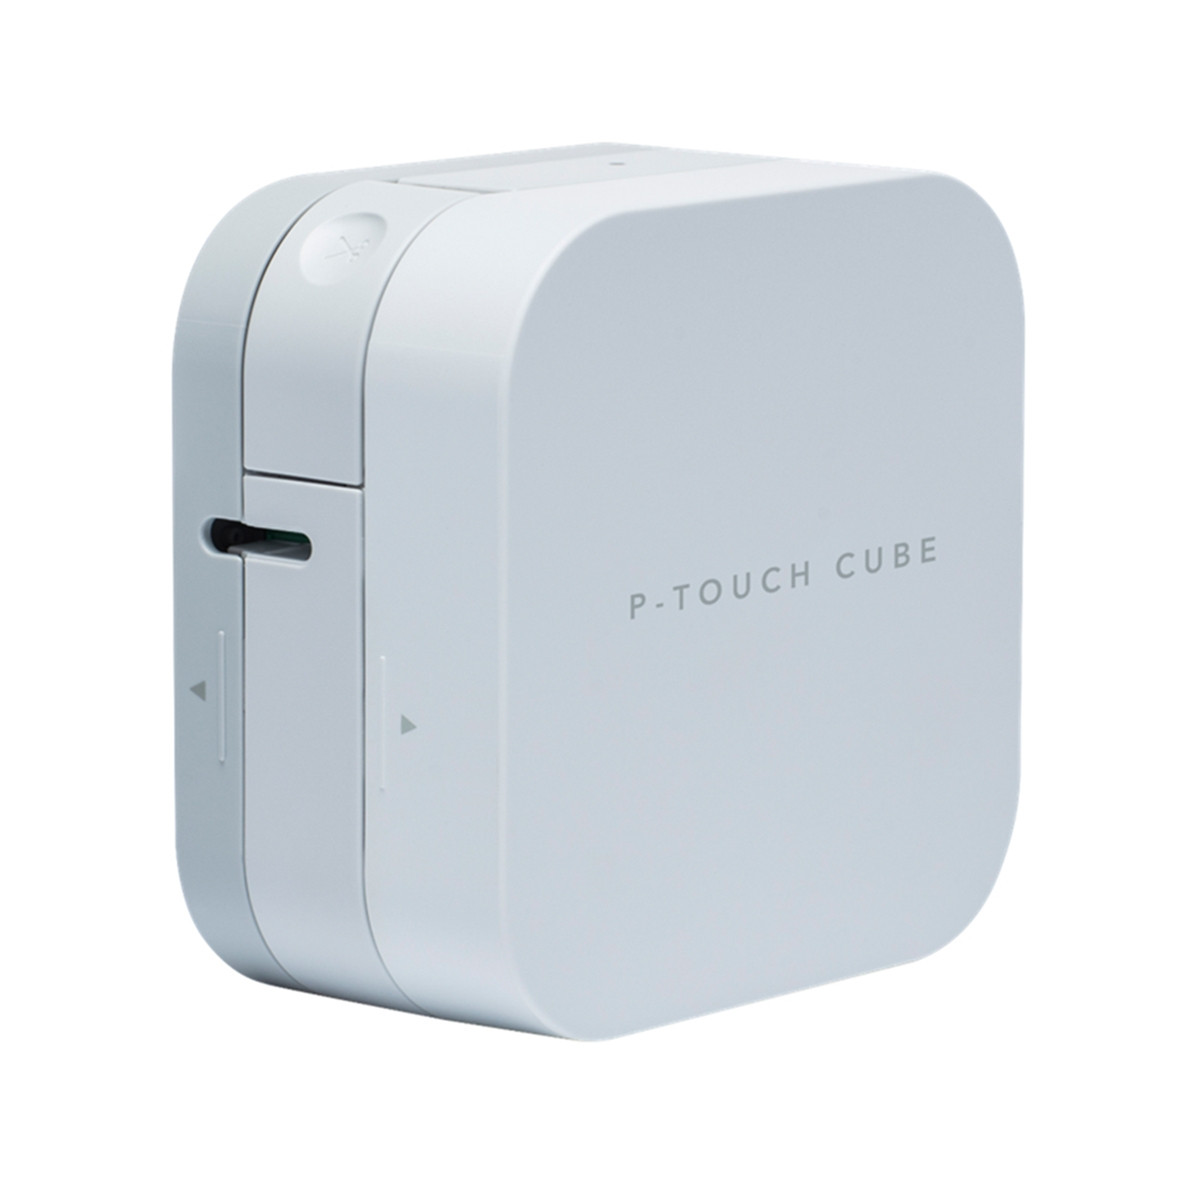 Rotulador Brother Eletrônico para Dispositivos Móveis Portátil P-Touch Cube PT-P300BT